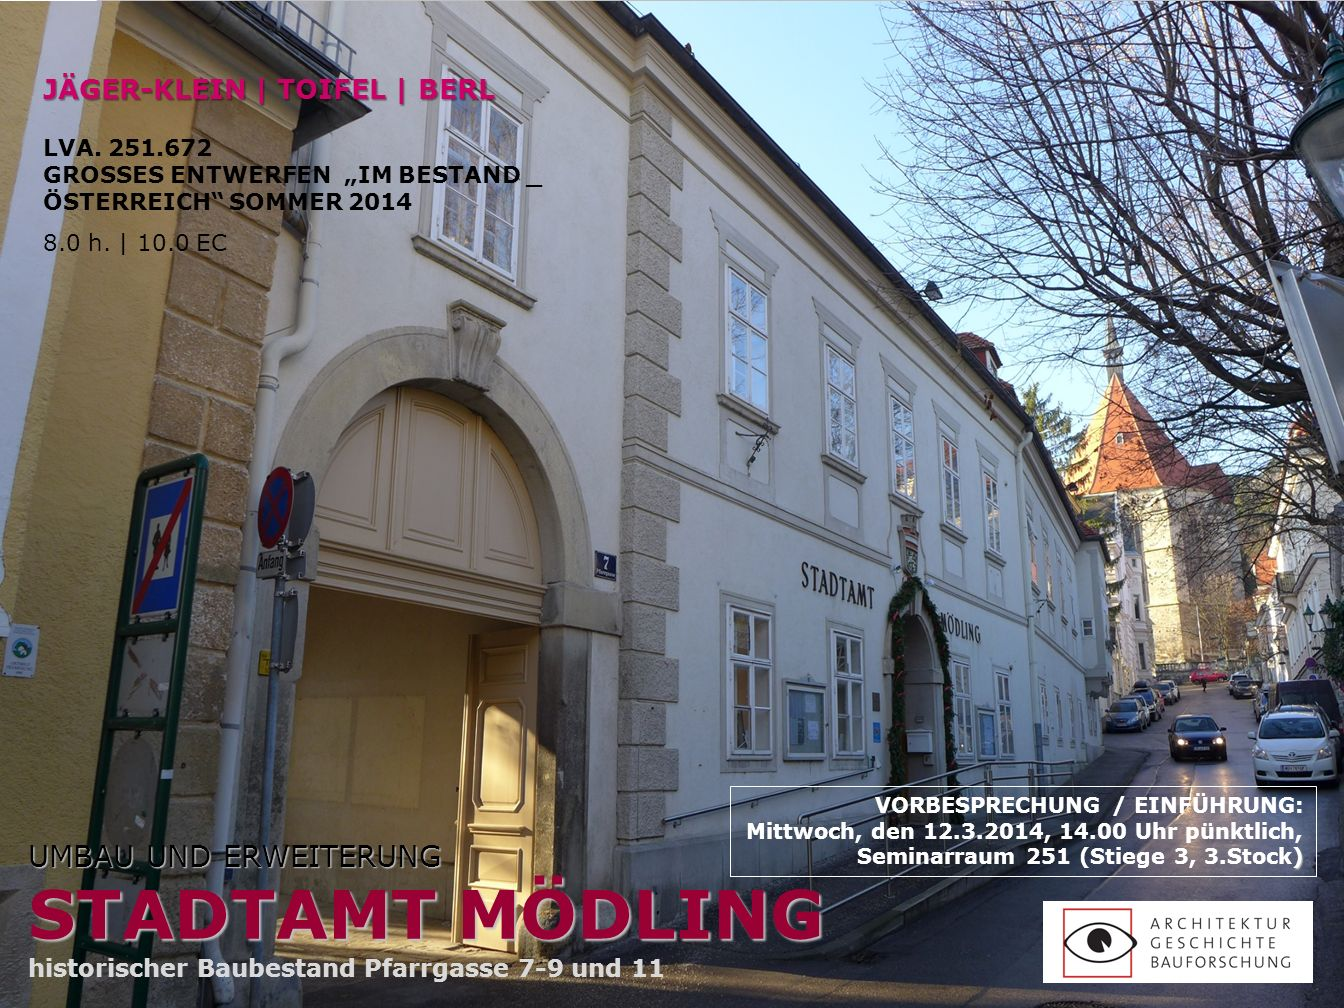 KRITIK UND DISKUSSION DER ENTWÜRFE WÖCHENTLICH IM: Seminarraum 251 TU_Hauptgebäude 3.